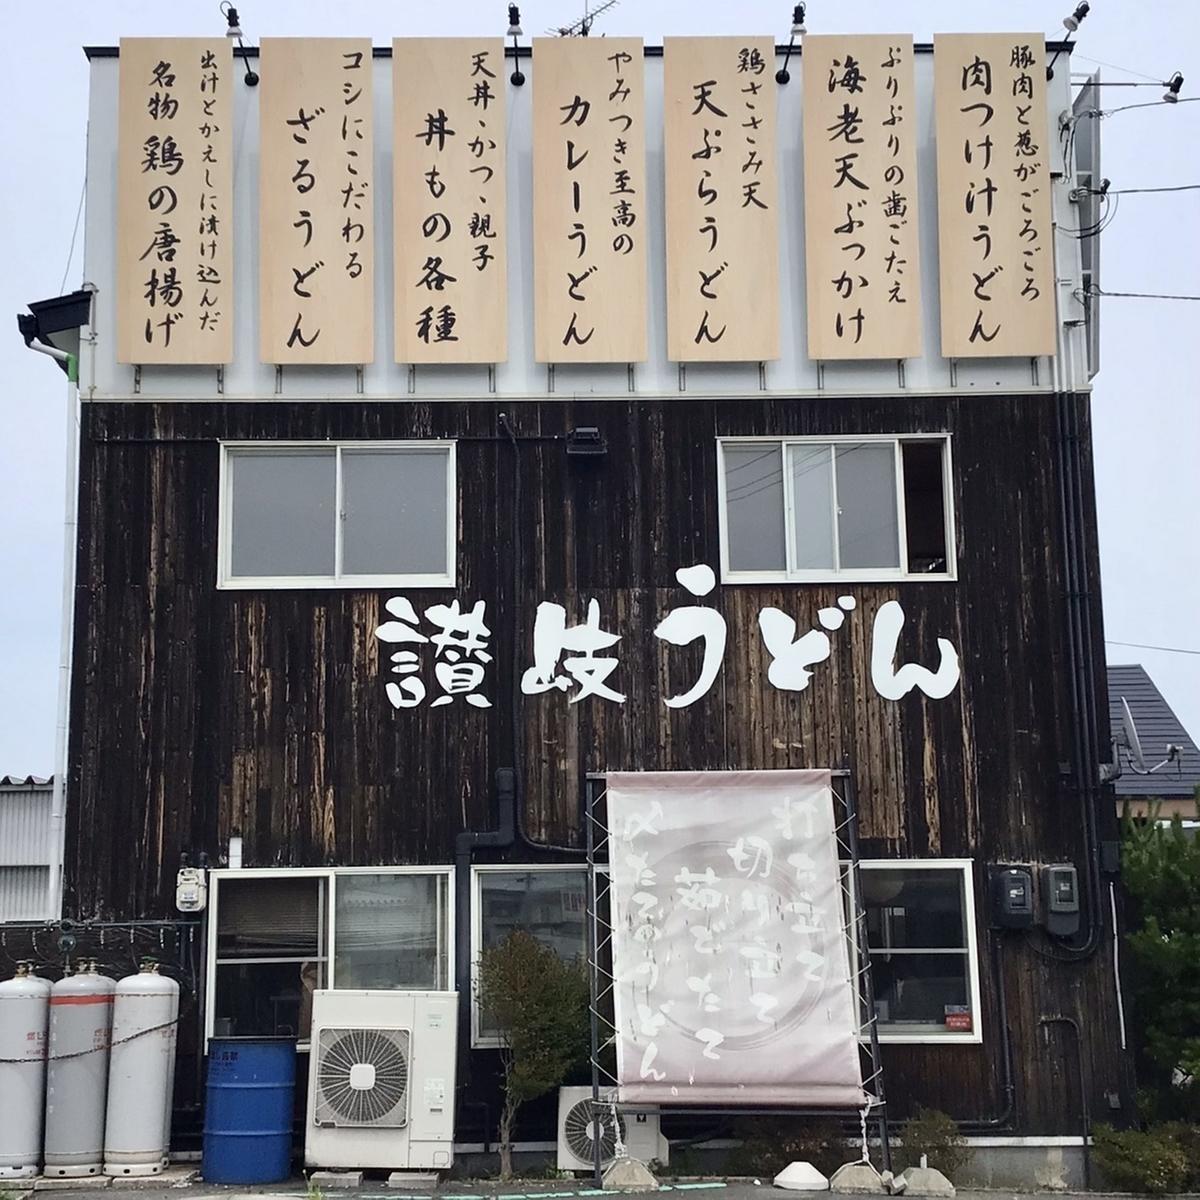 f:id:yumeusagiyukiusagi:20210724221120j:plain